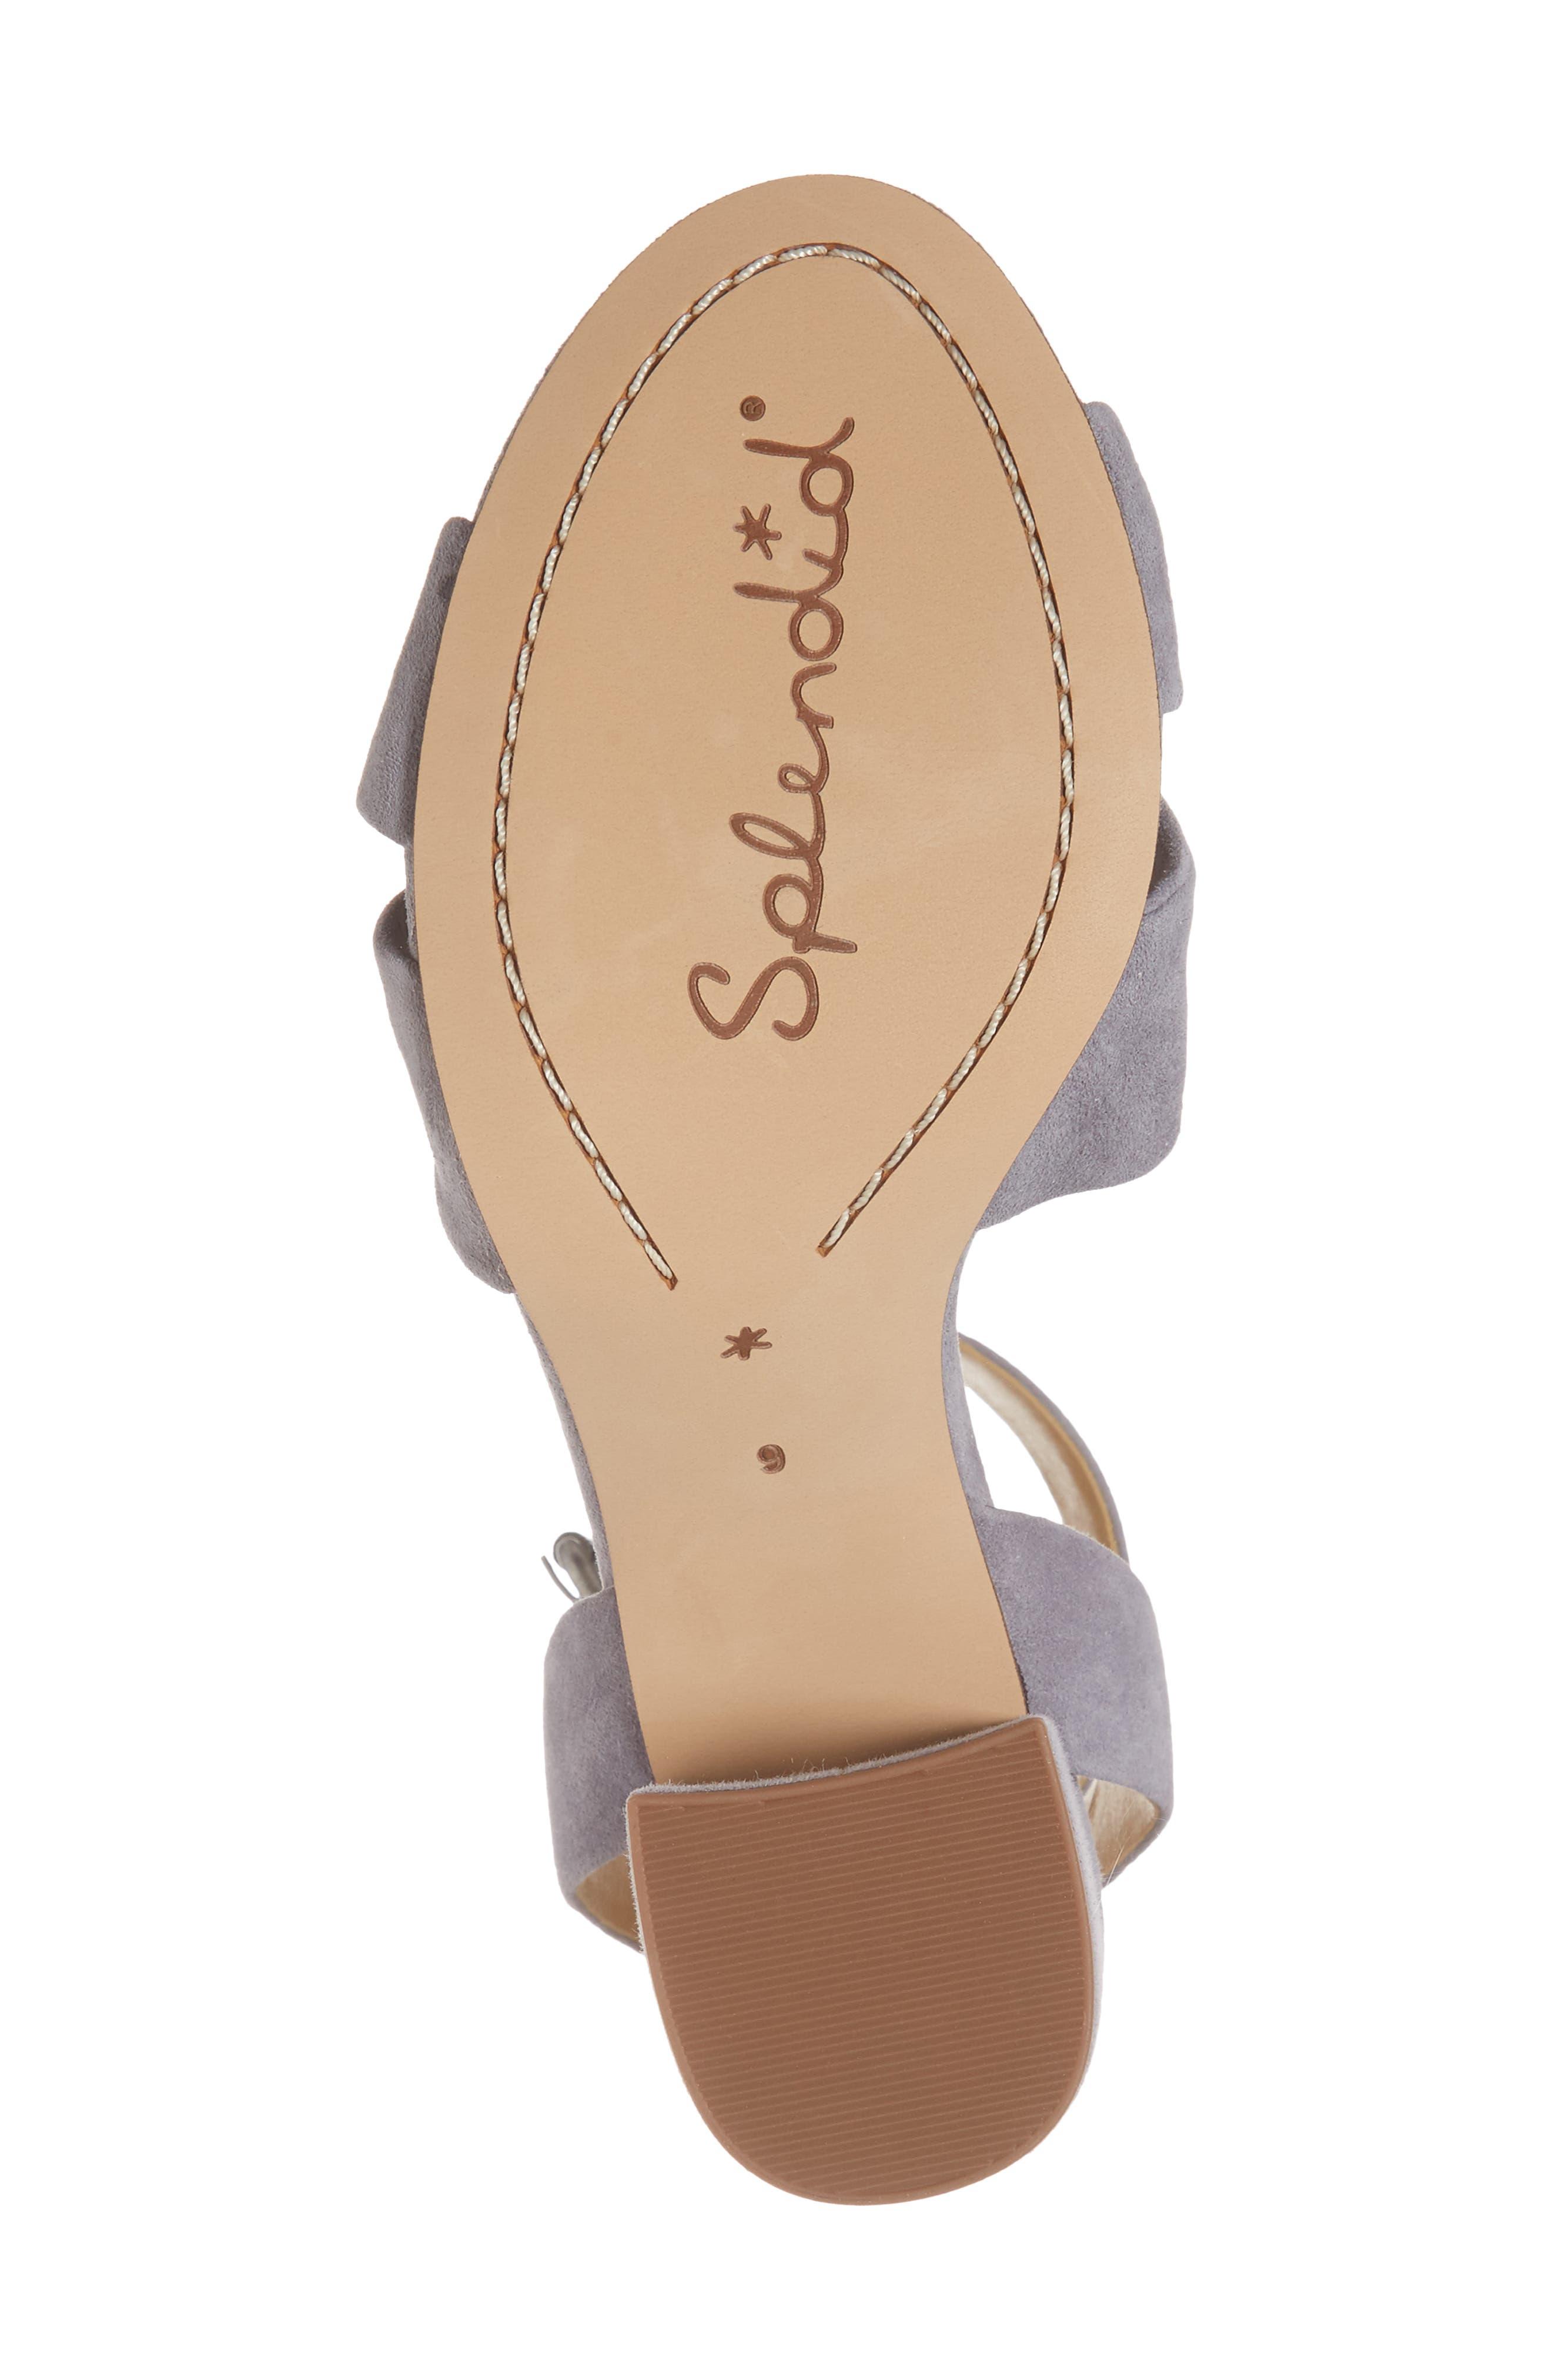 Fairy Block Heel Sandal,                             Alternate thumbnail 6, color,                             STEEL GREY SUEDE